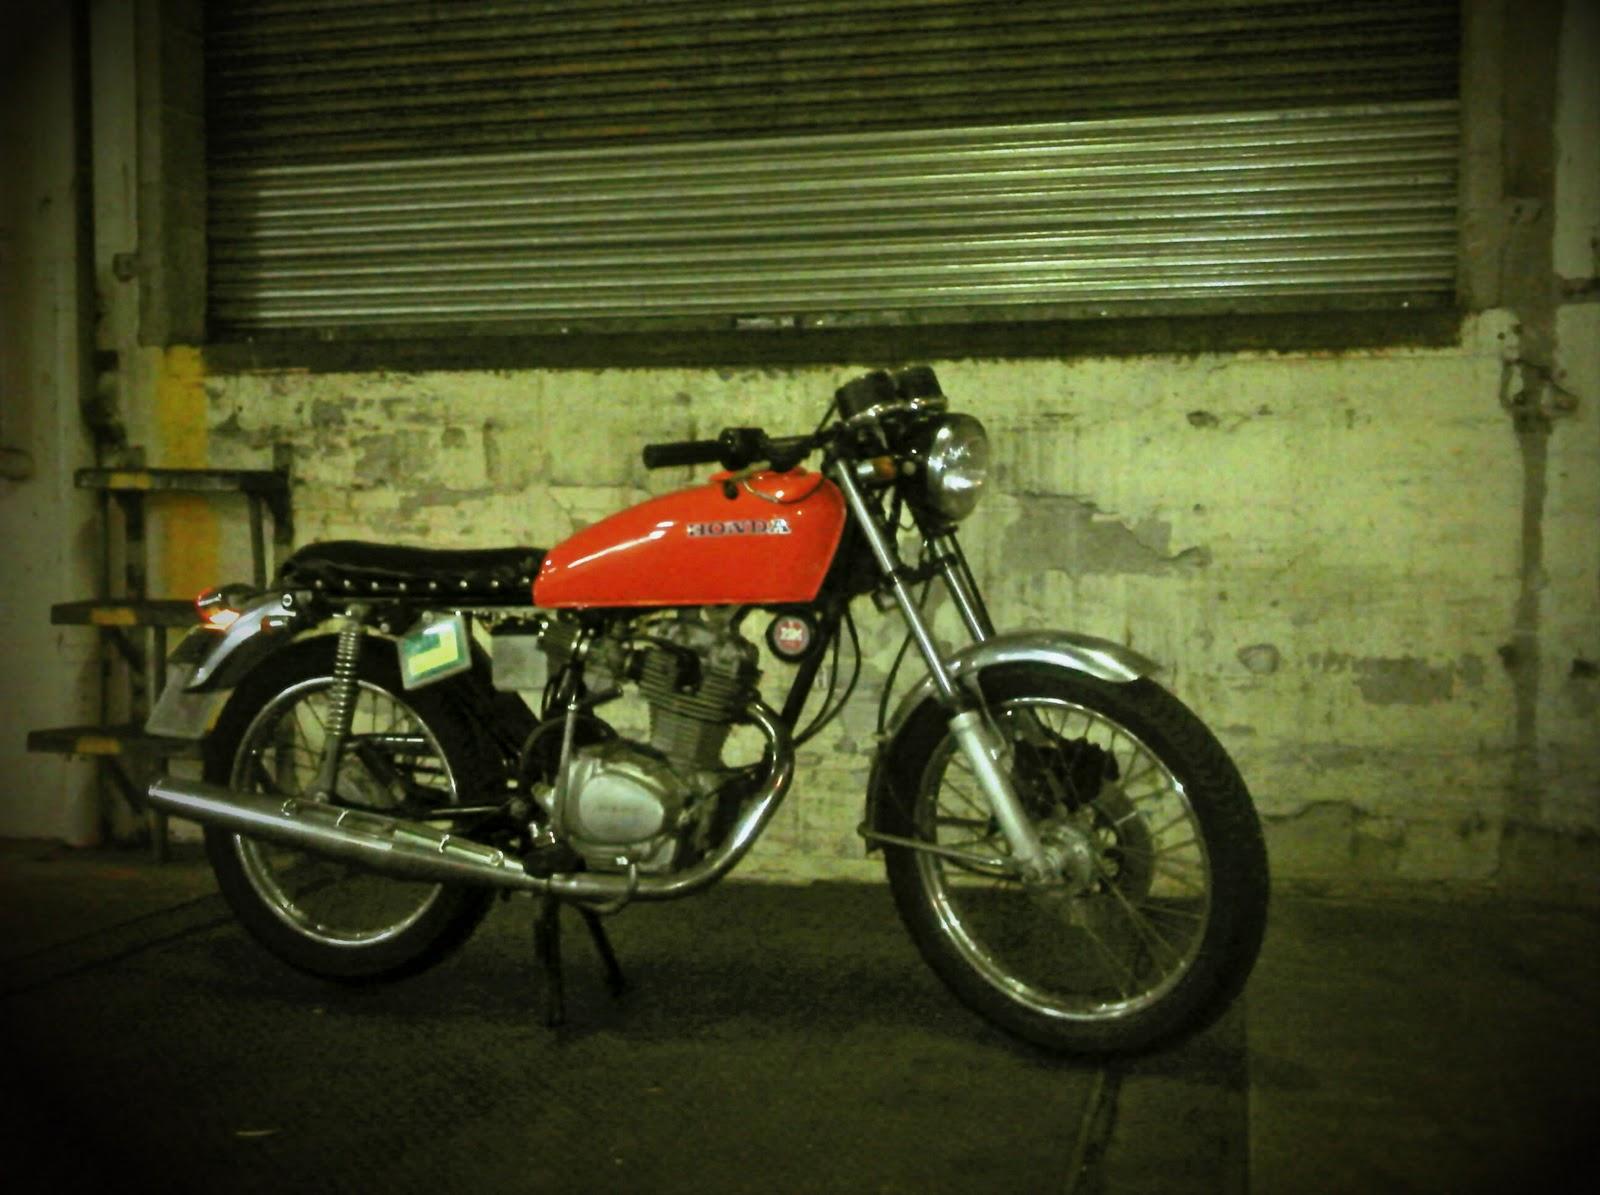 BUBBLE VISOR  1975 Honda CB125s station hopper